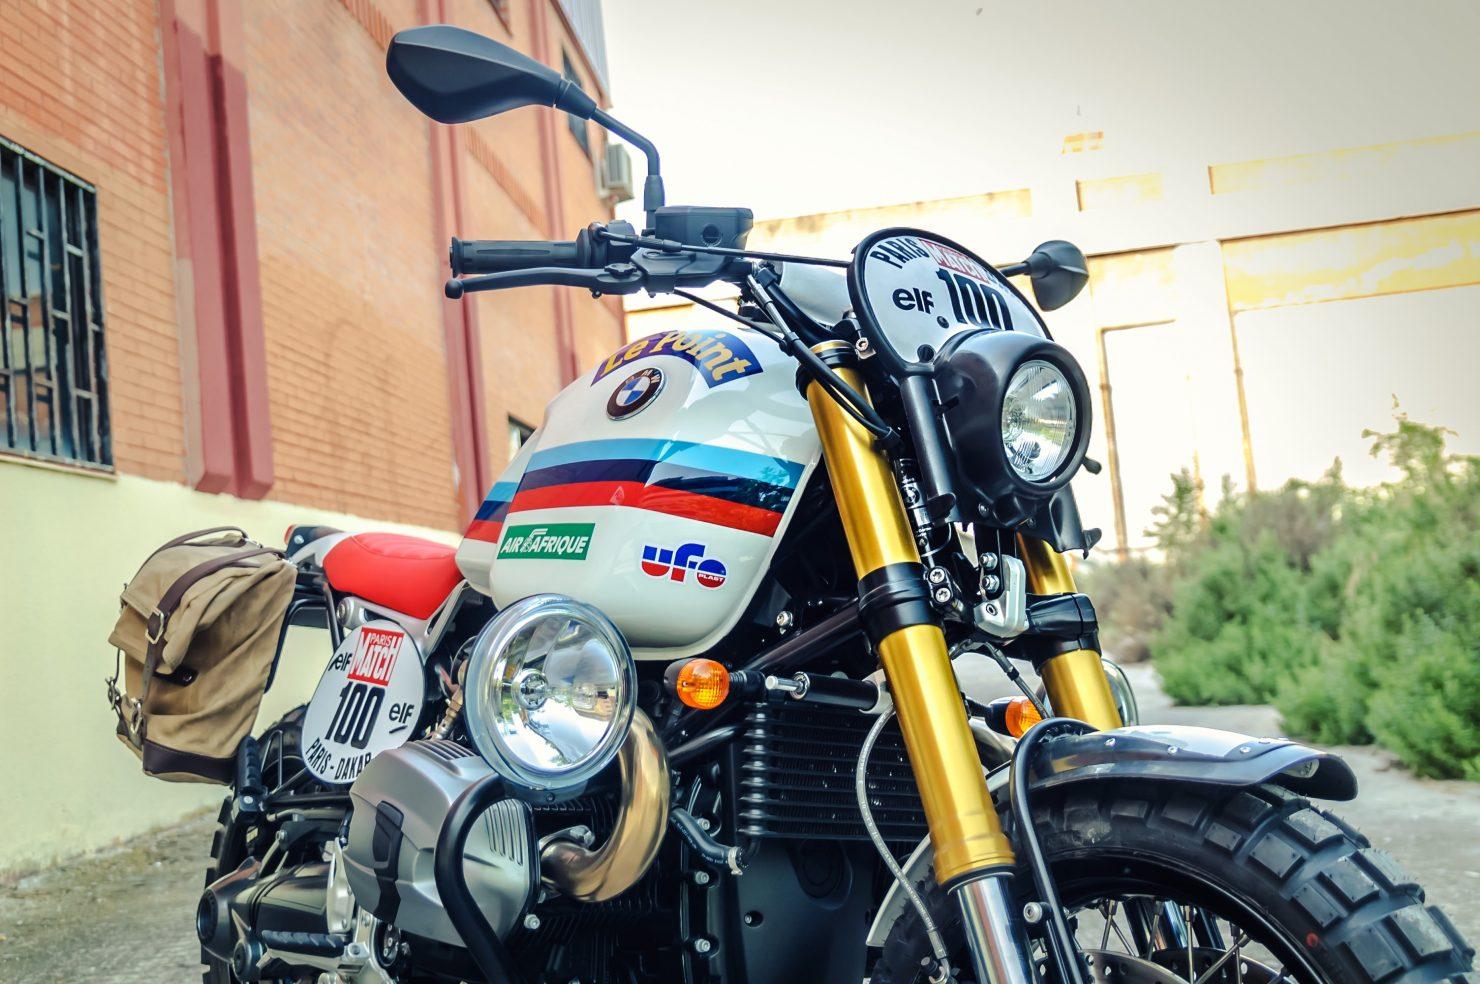 BMW R Nine T Custom Motorbike 13 1480x984 - XTR Pepo BMW R nineT Paris Dakar